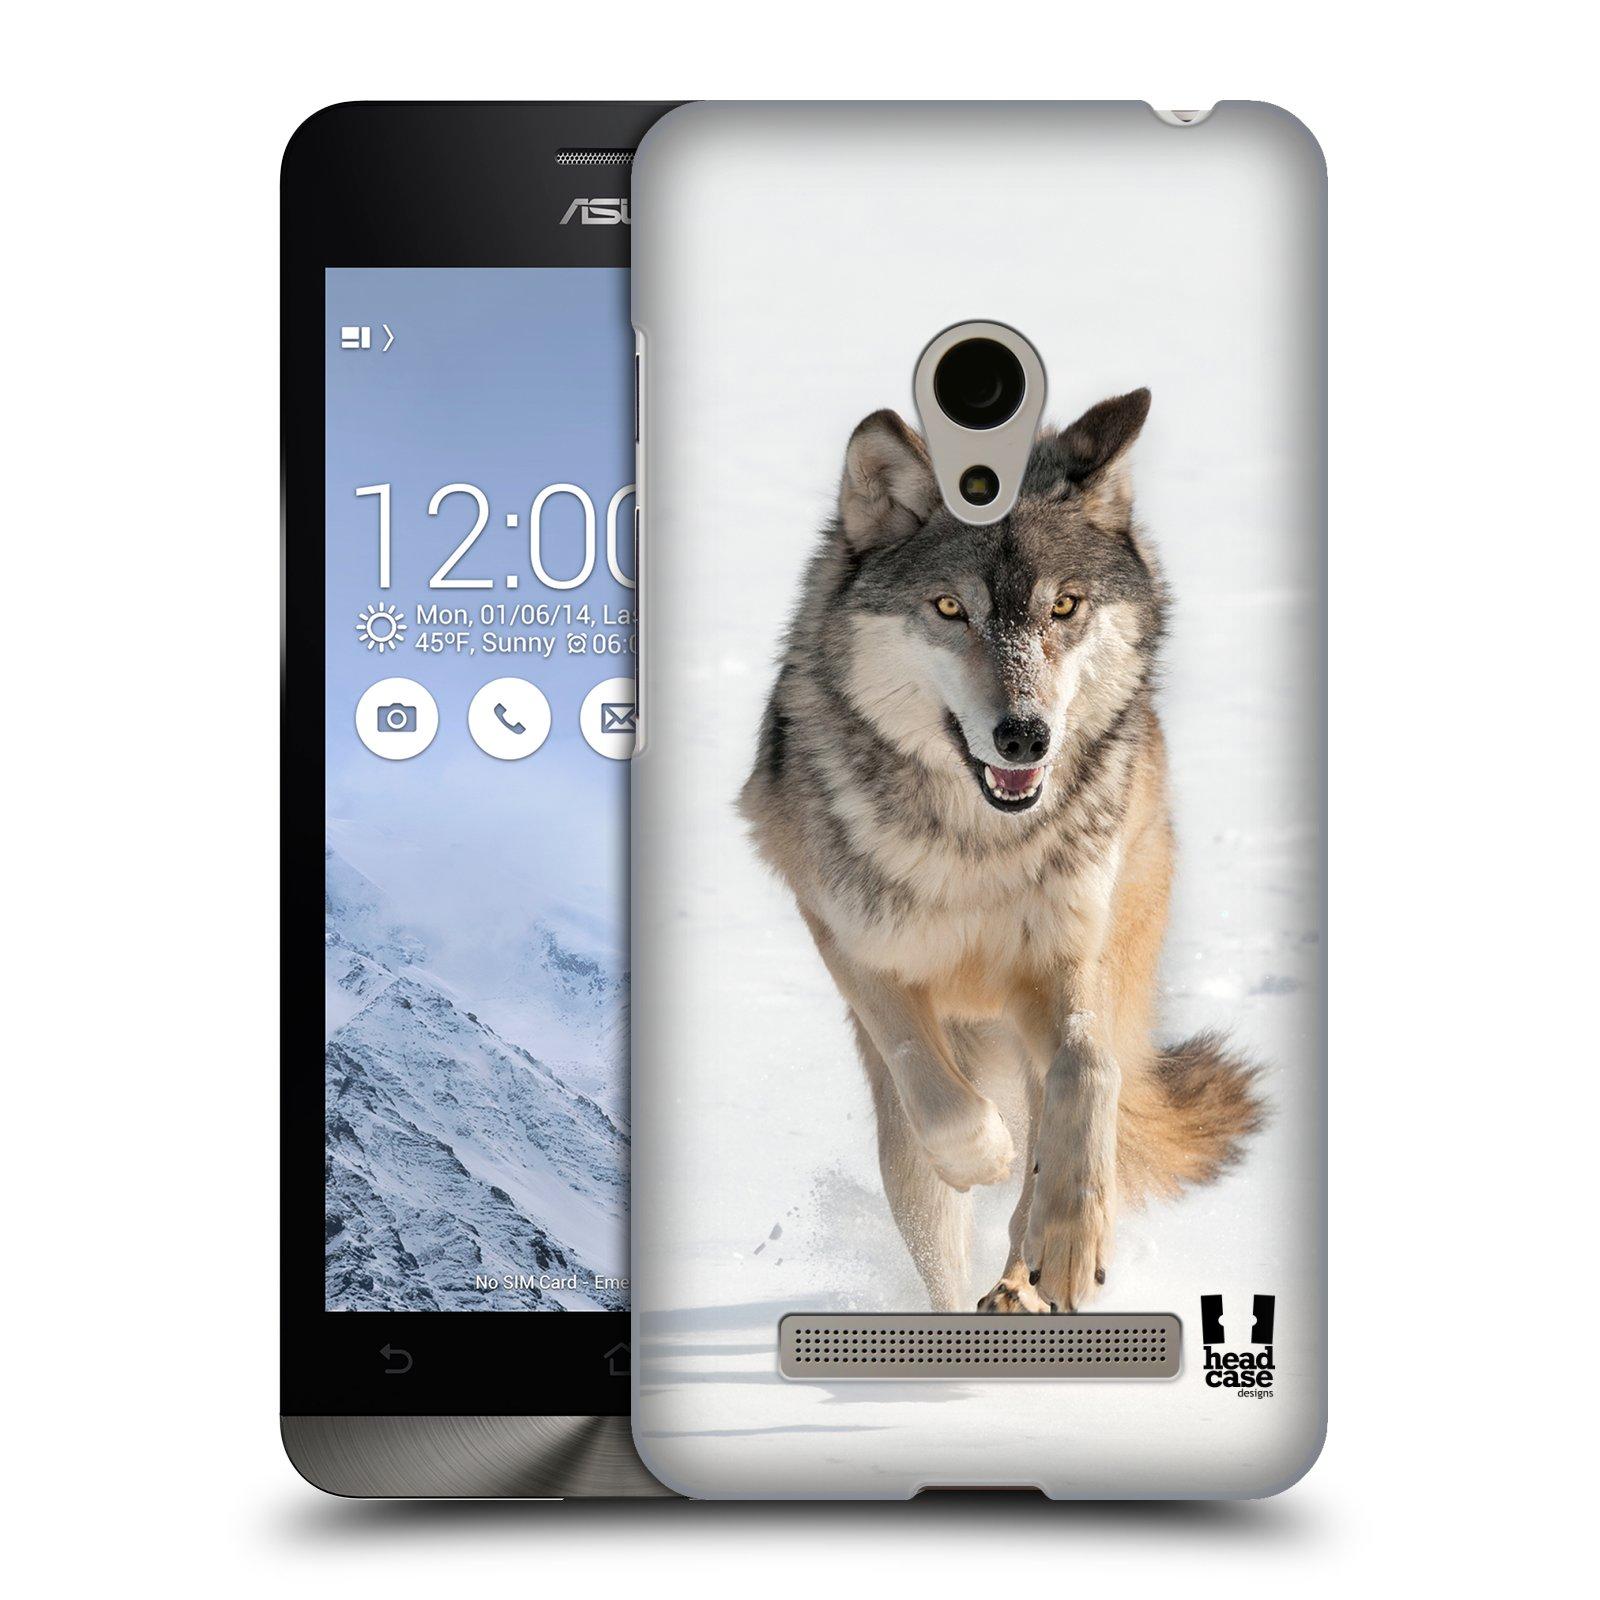 HEAD CASE plastový obal na mobil Asus Zenfone 5 vzor Divočina, Divoký život a zvířata foto BĚŽÍCÍ VLK